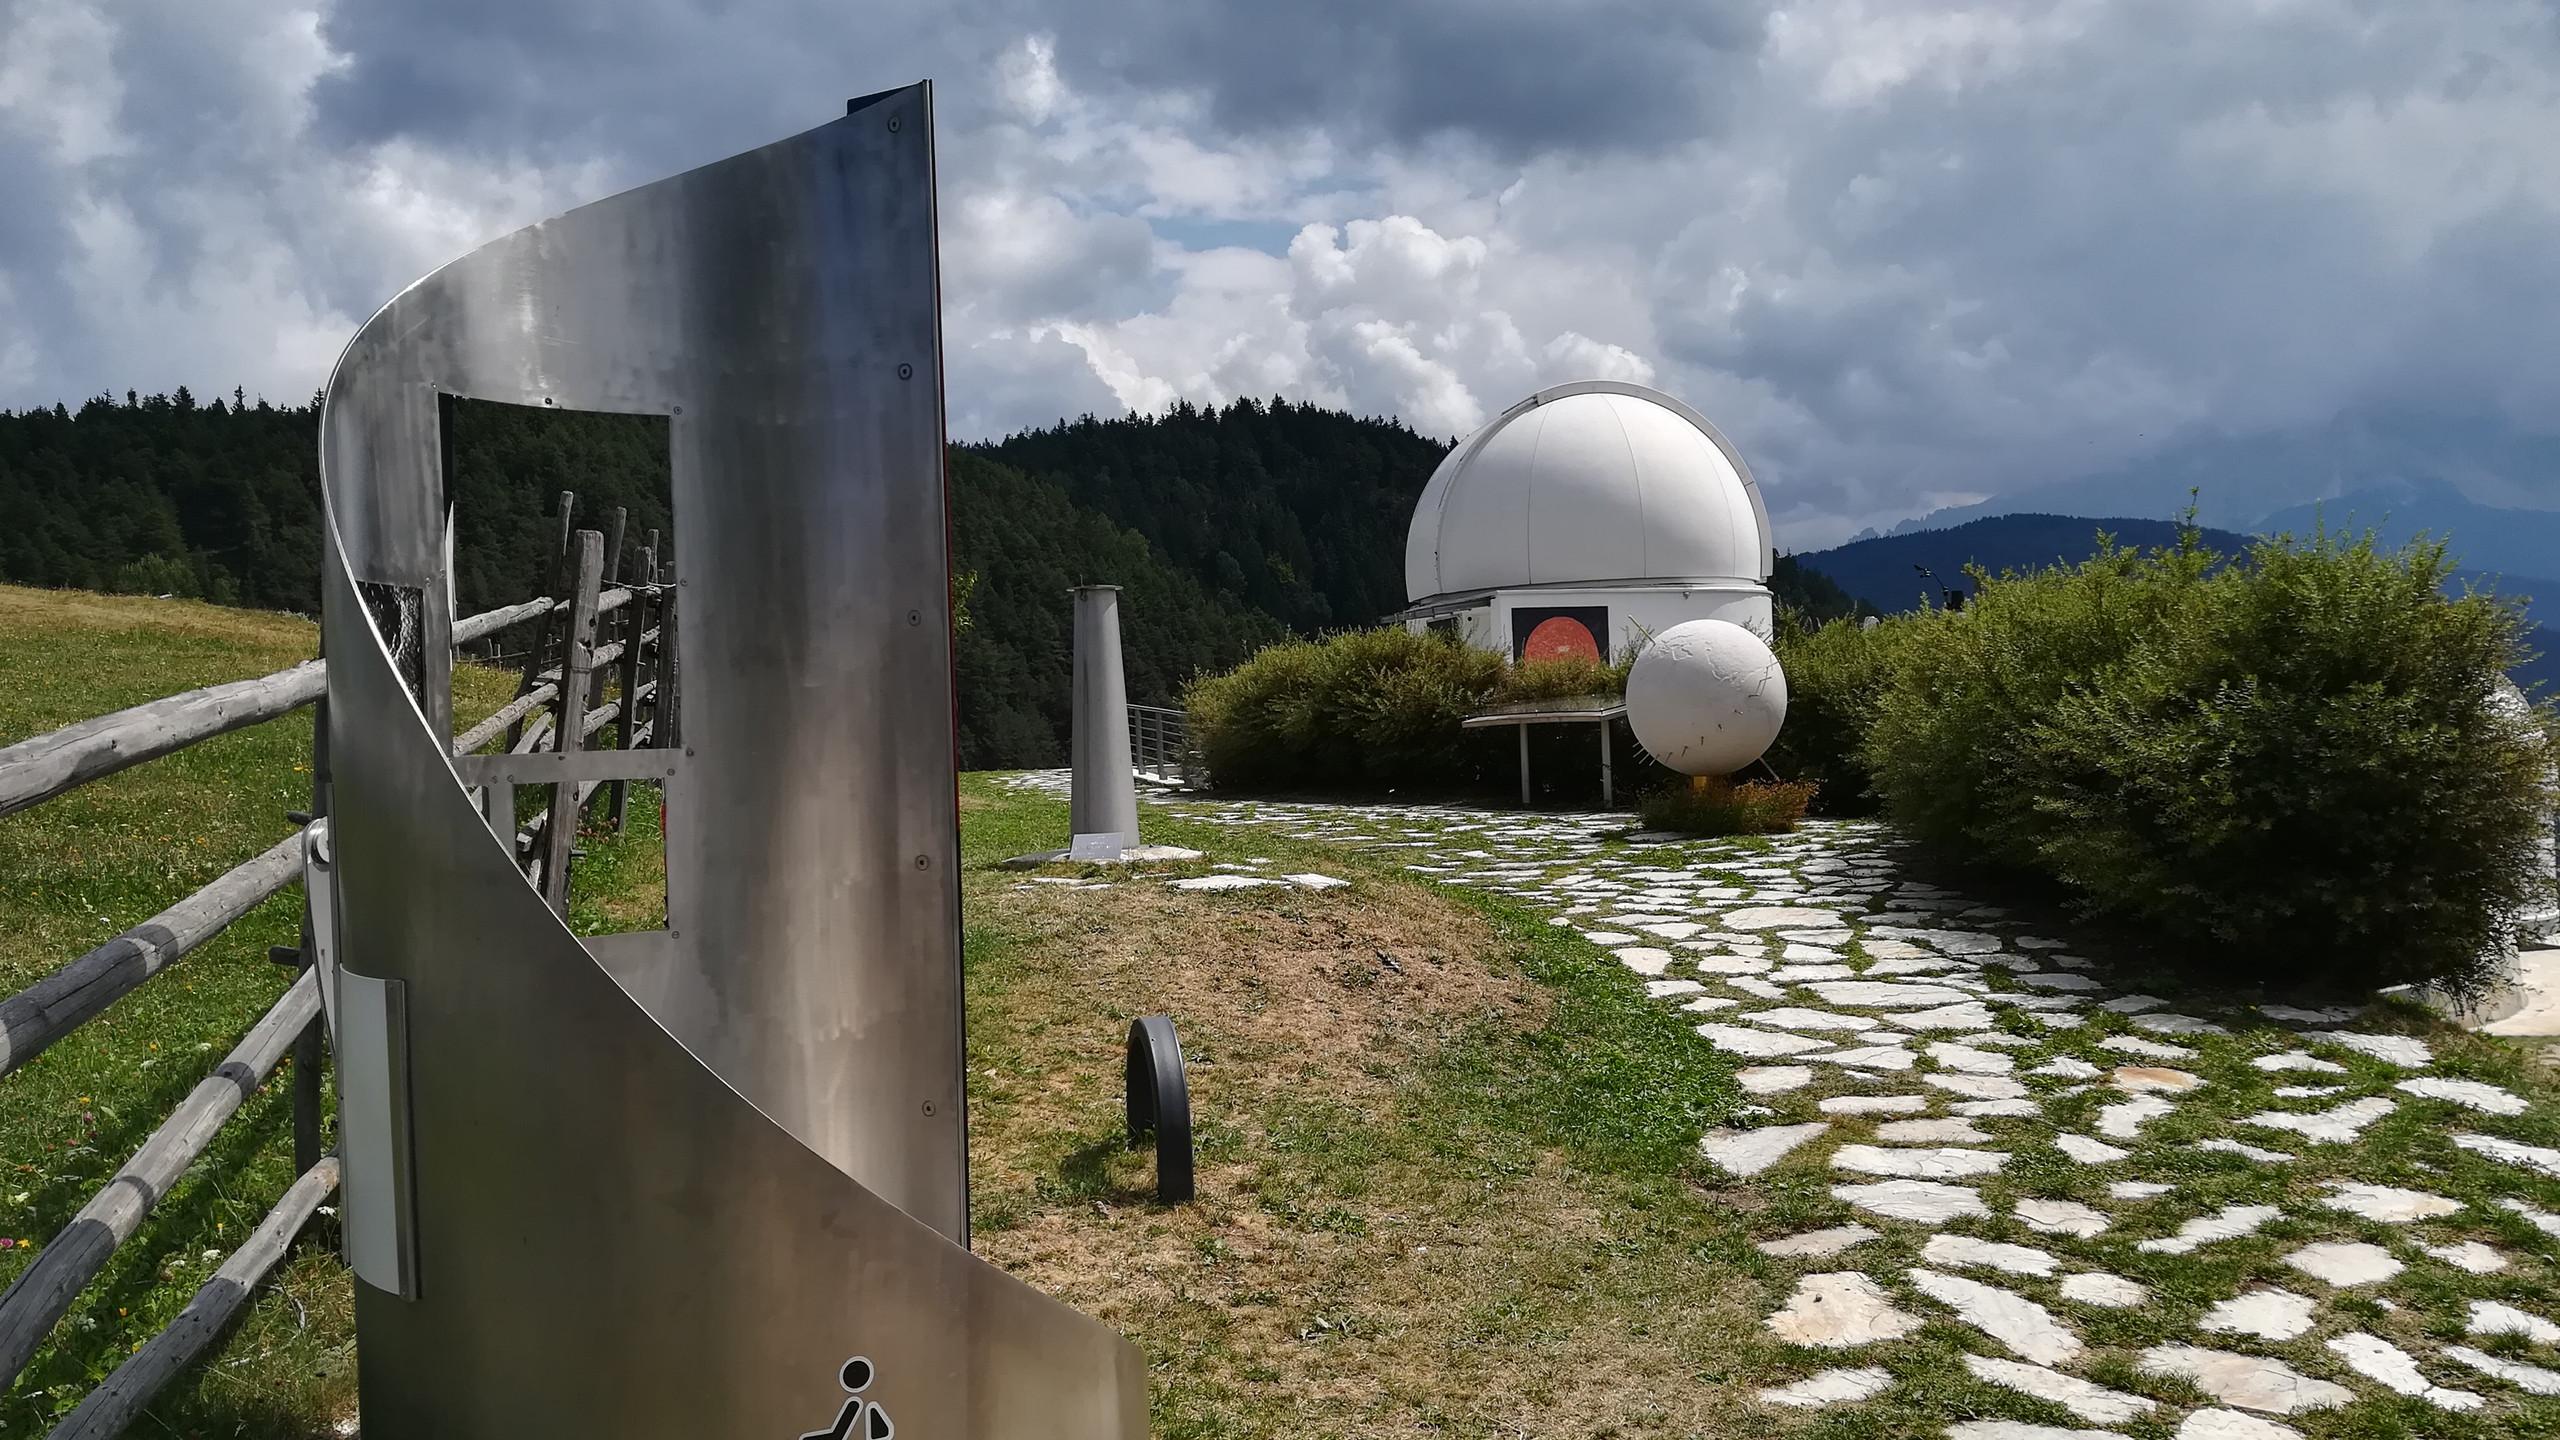 Val d'Ega - Sentiero dei Pianeti